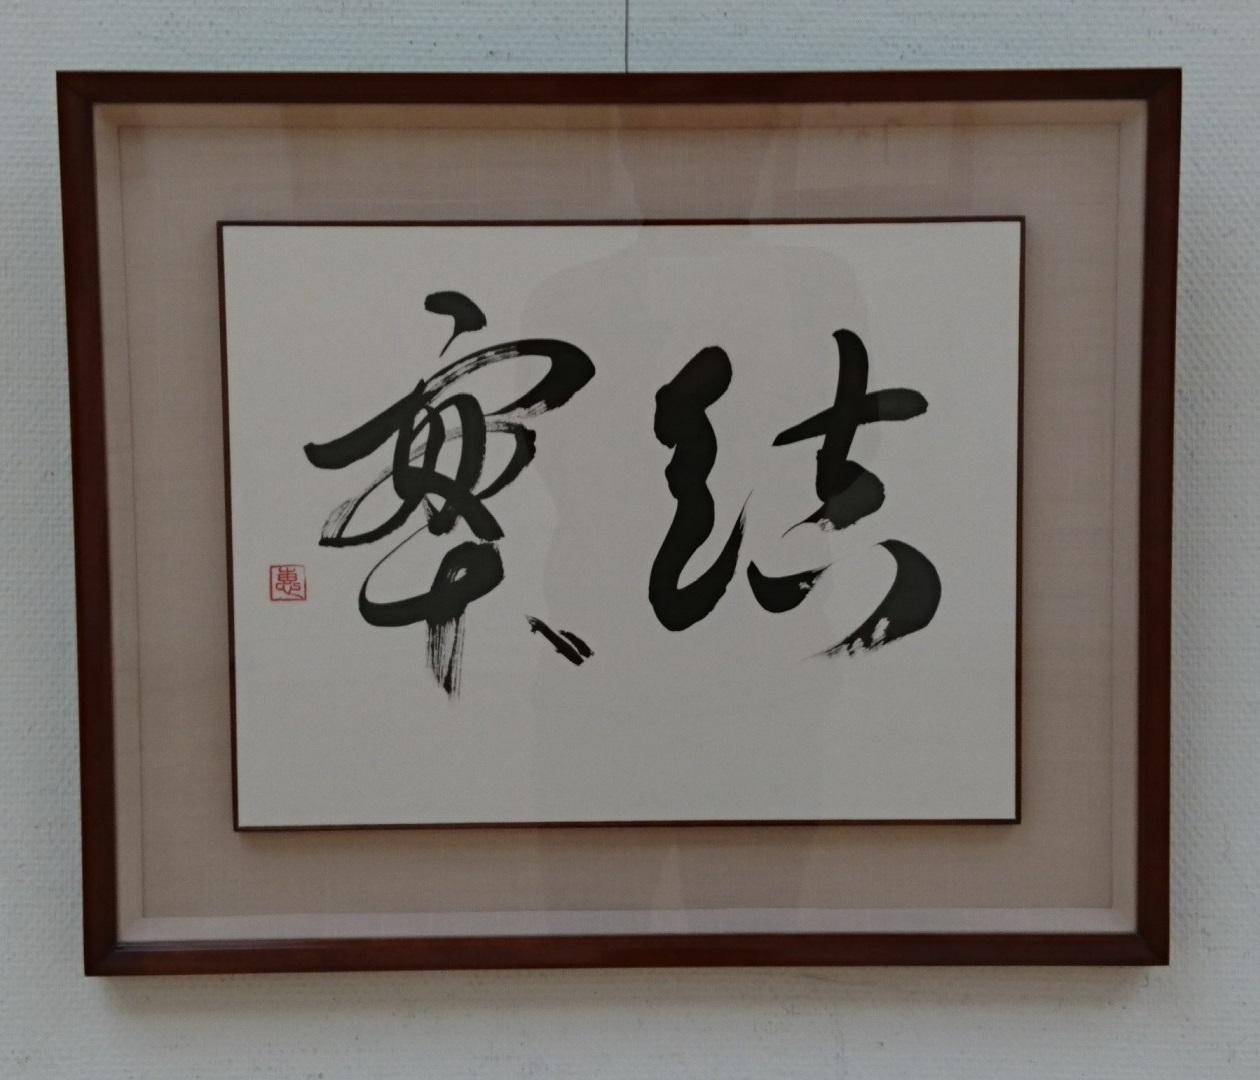 2016.12.3 夕照会書展 (2) 結実 - 内田恵さん